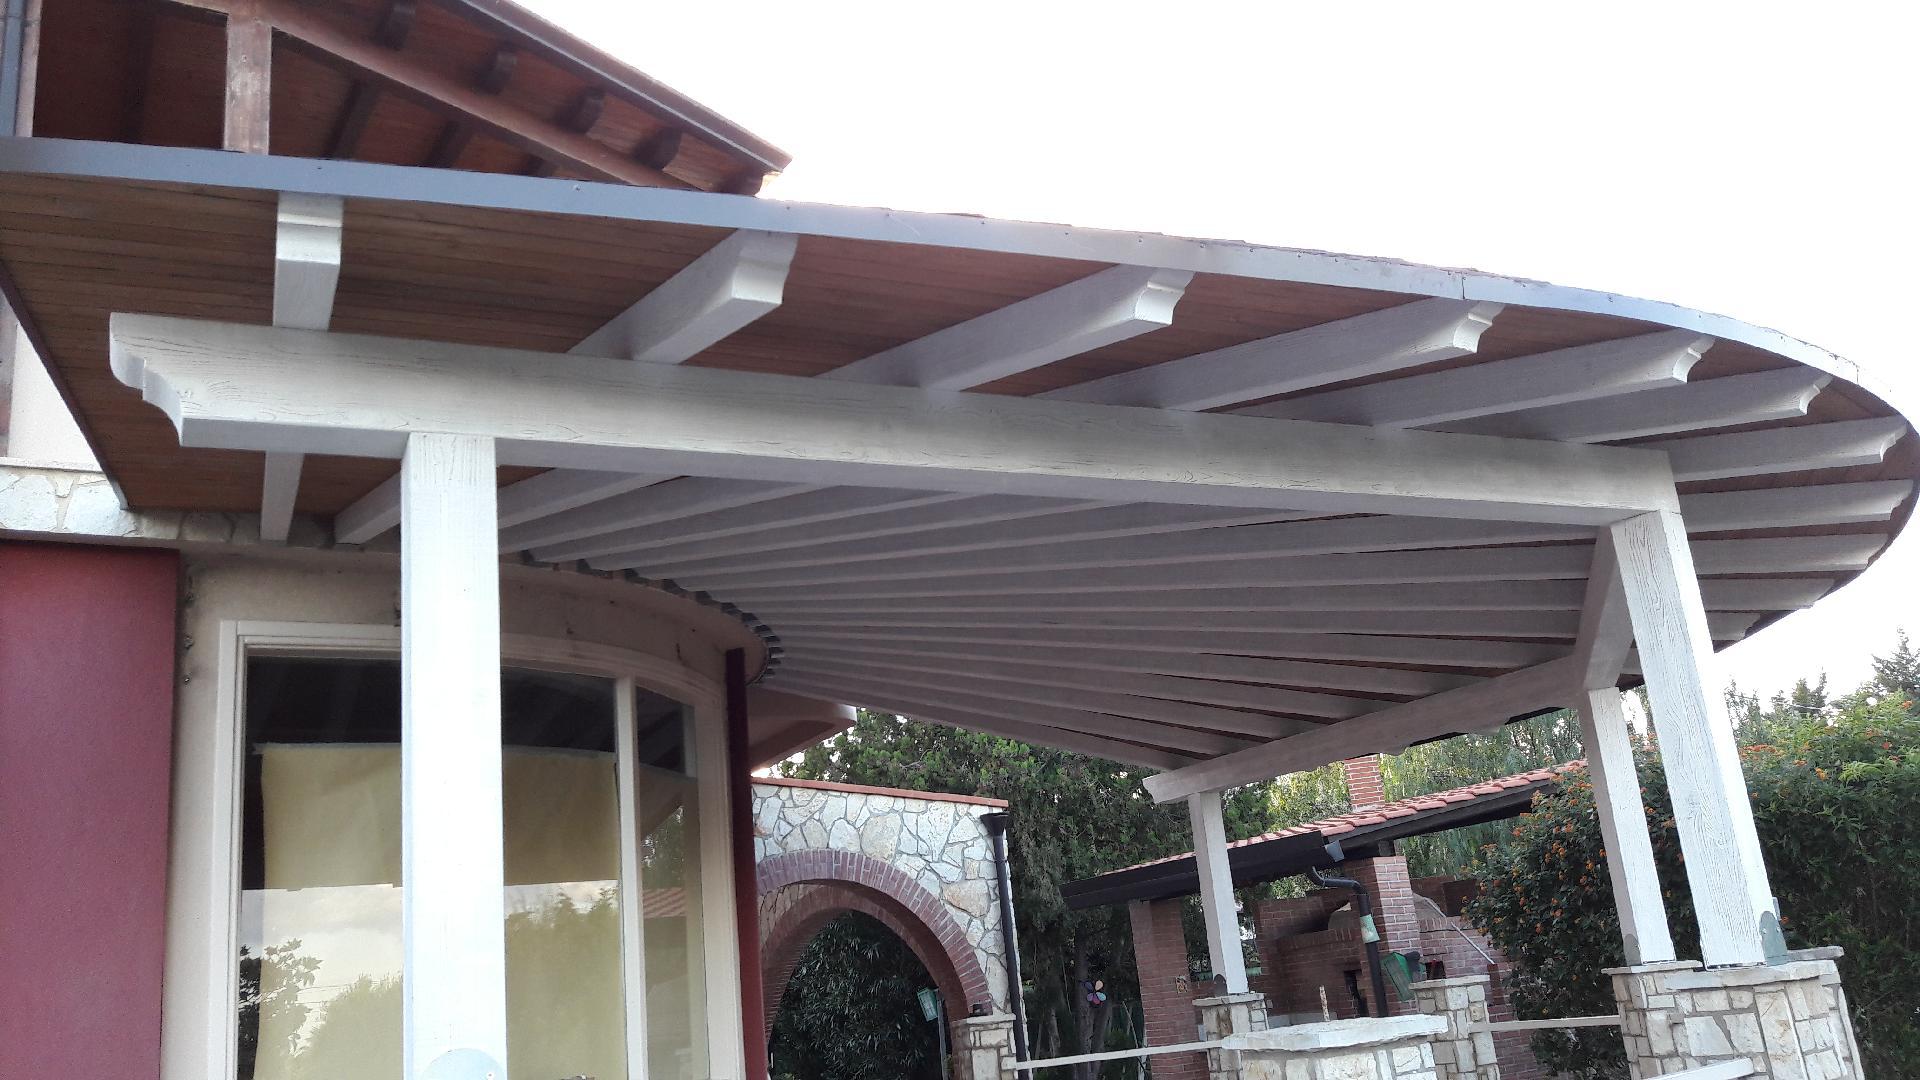 Coprire Terrazzo Con Veranda copertura veranda con travi lamellari e tegola canadese - le